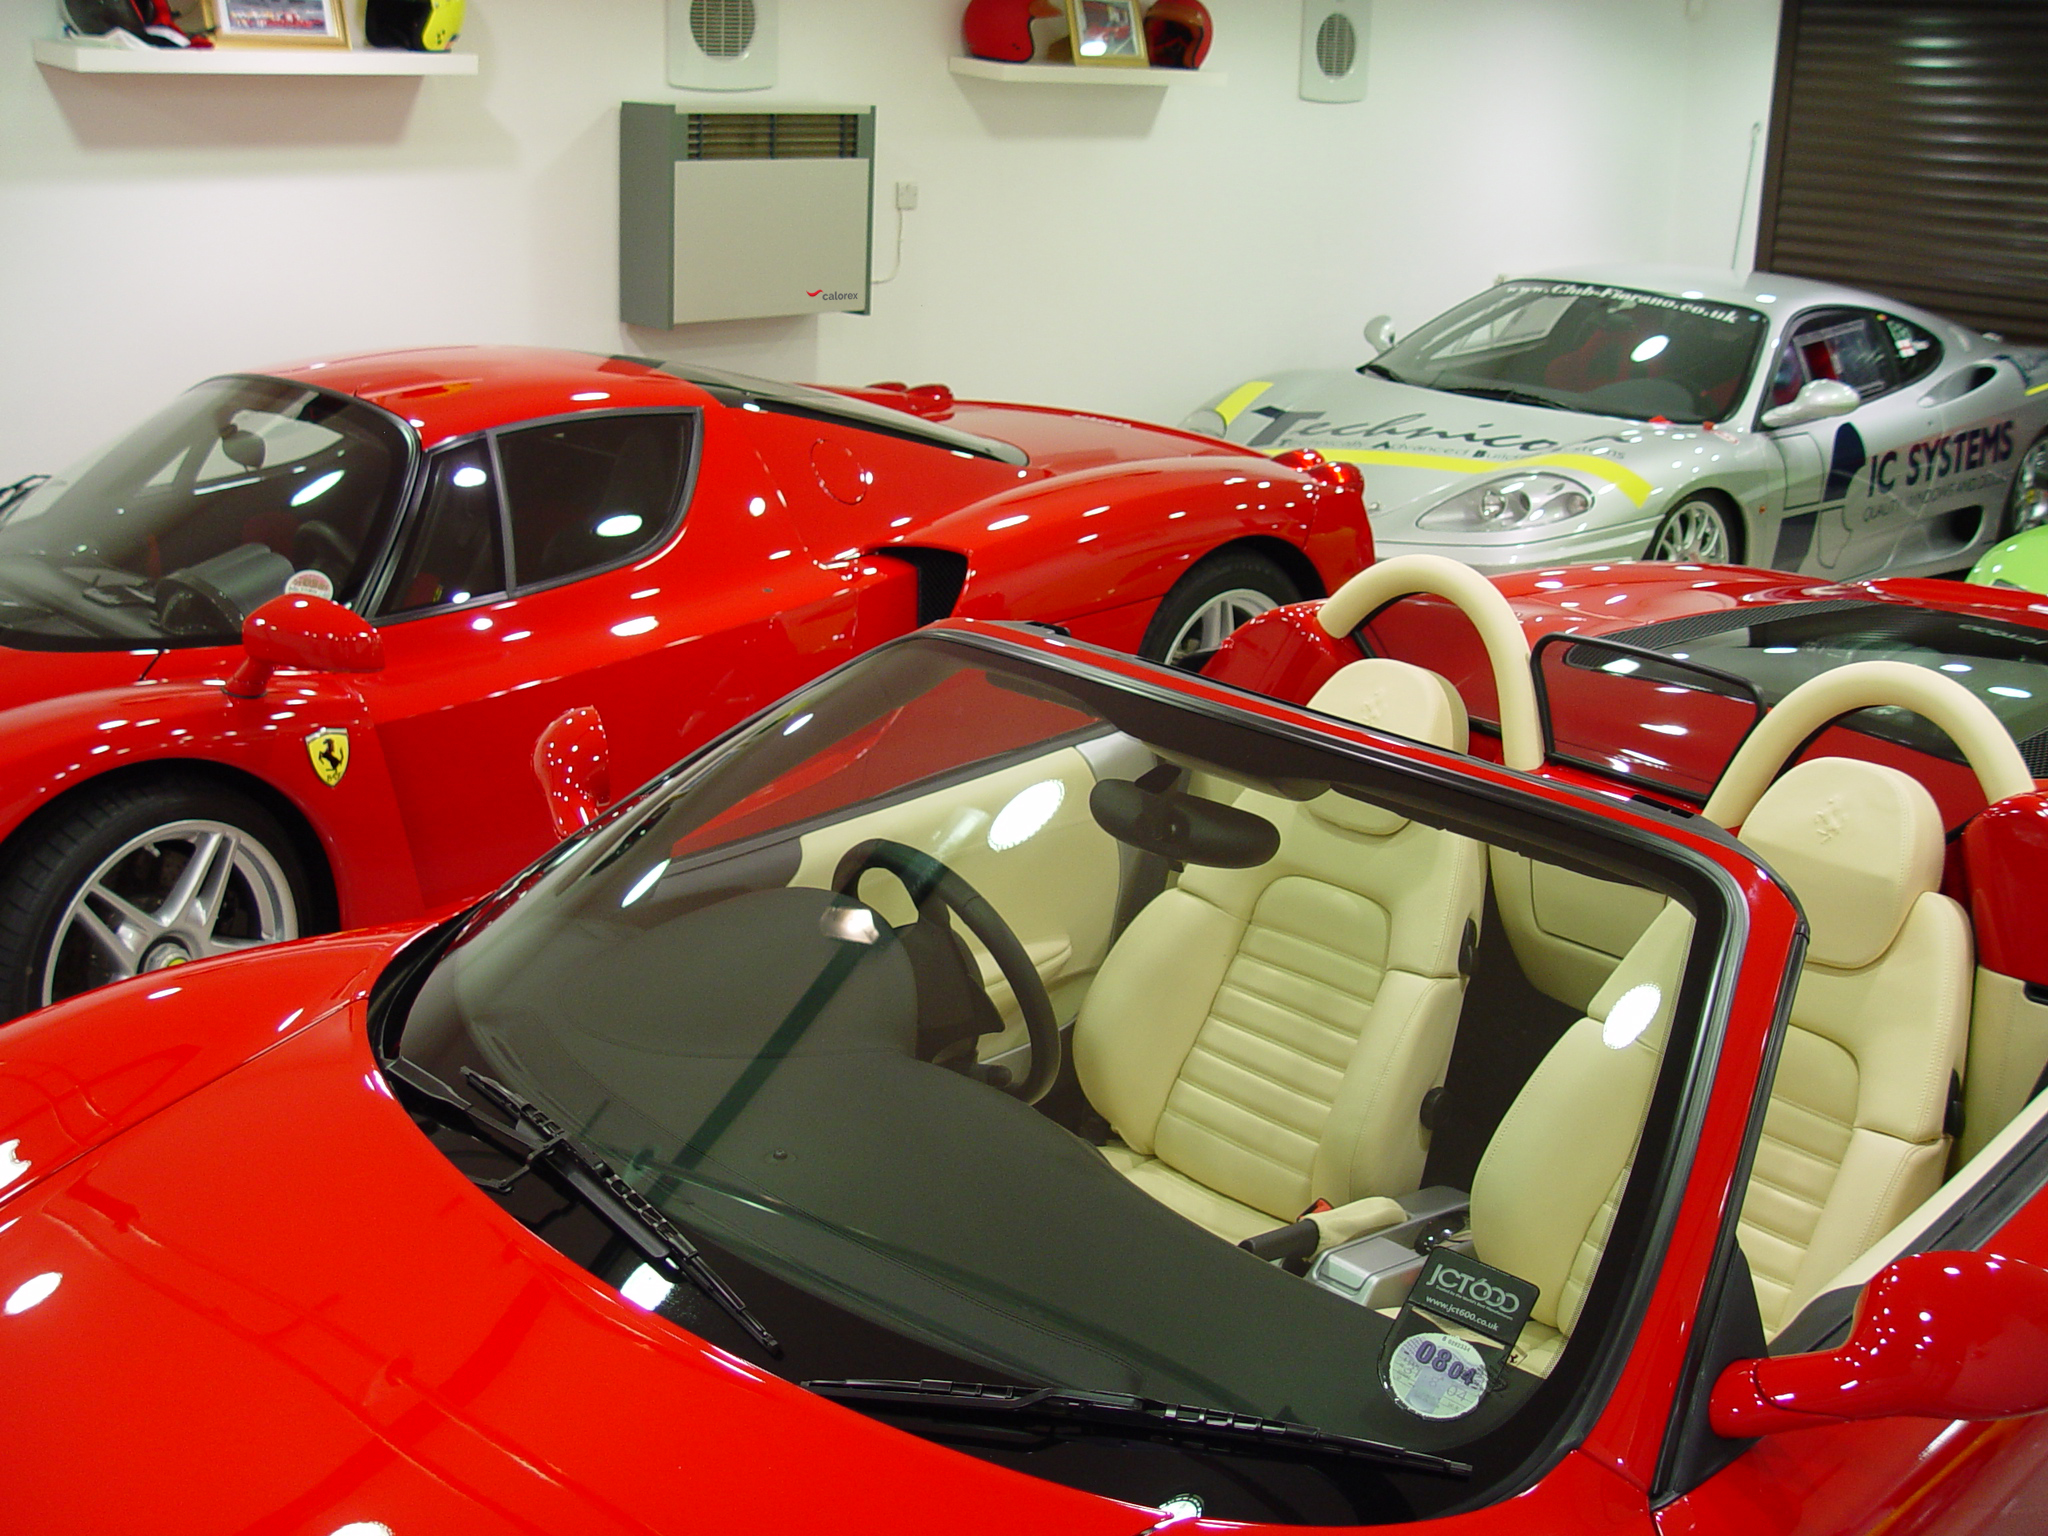 Calorex DH 30 Ferrari Garage (New logo)